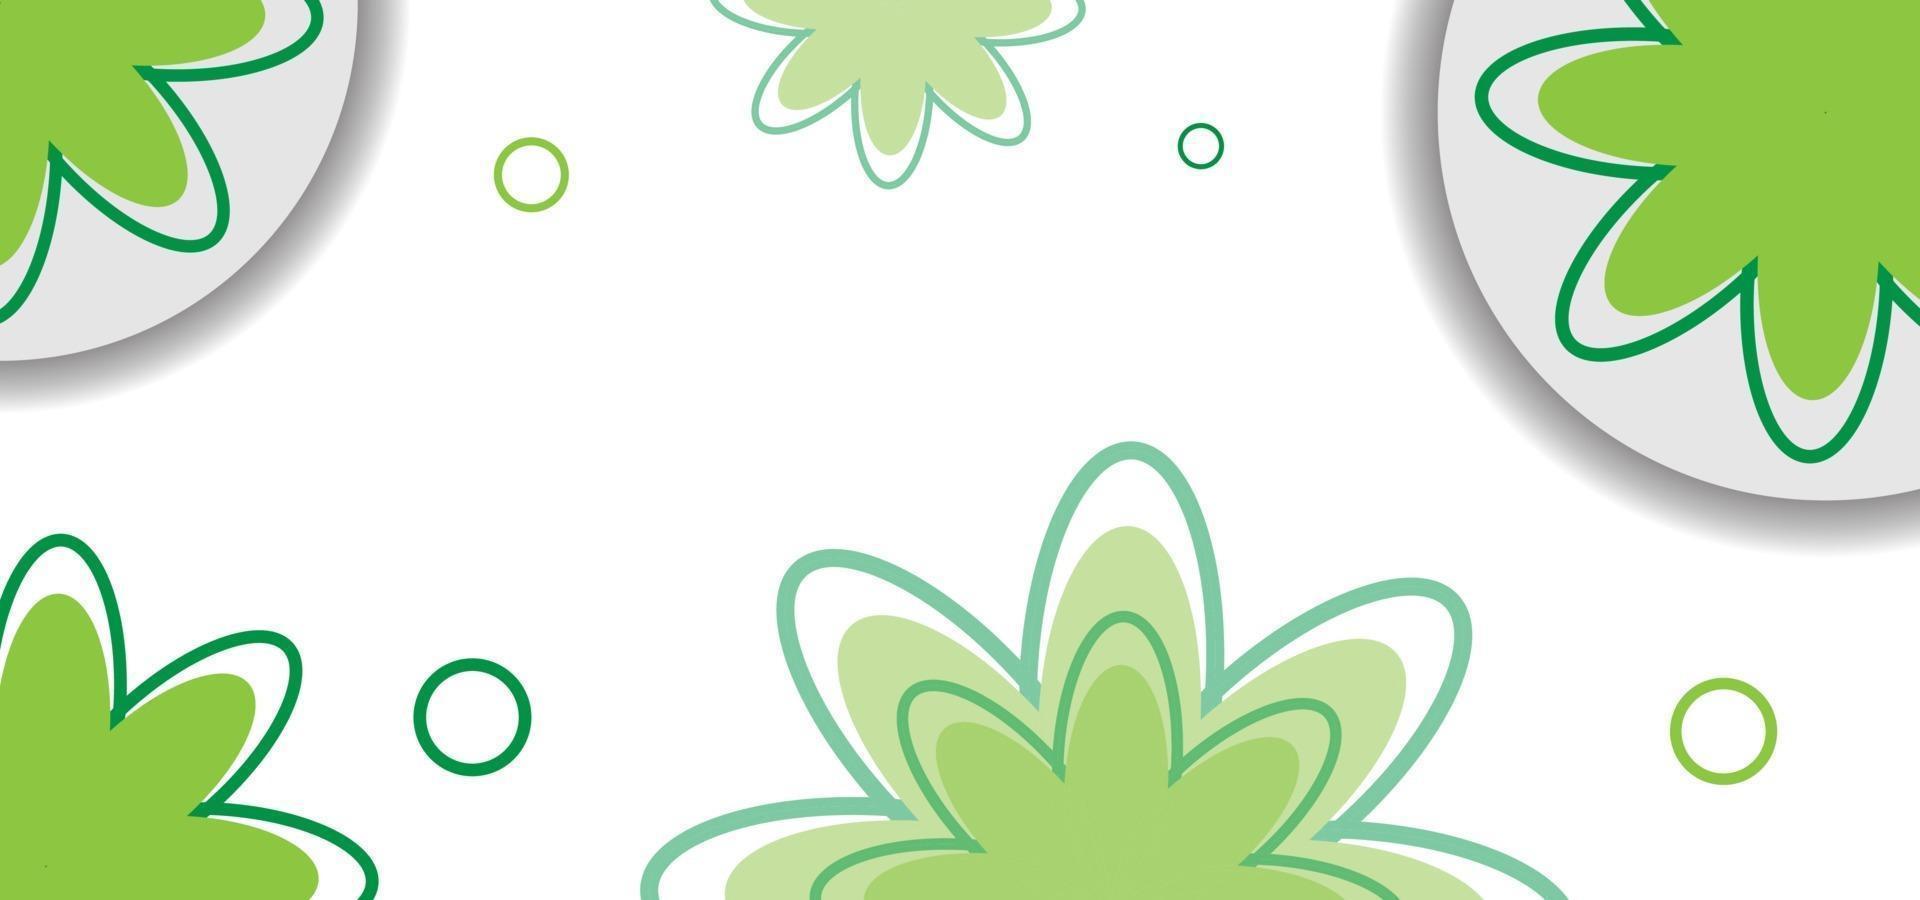 groene naadloze bloemmotief of achtergrond vector